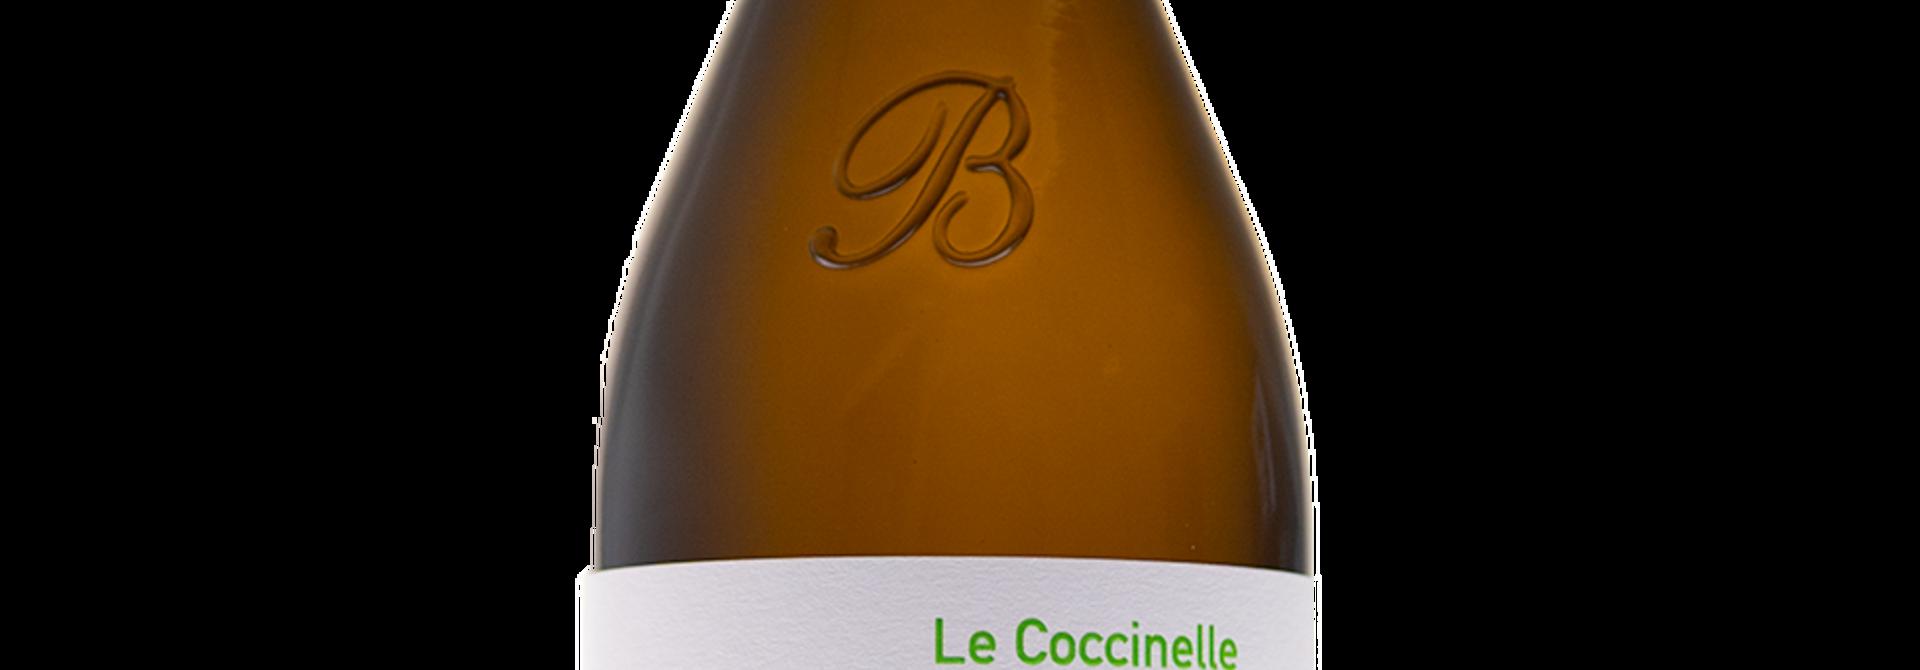 Brandini Langhe Bianco le Coccinelle 2018